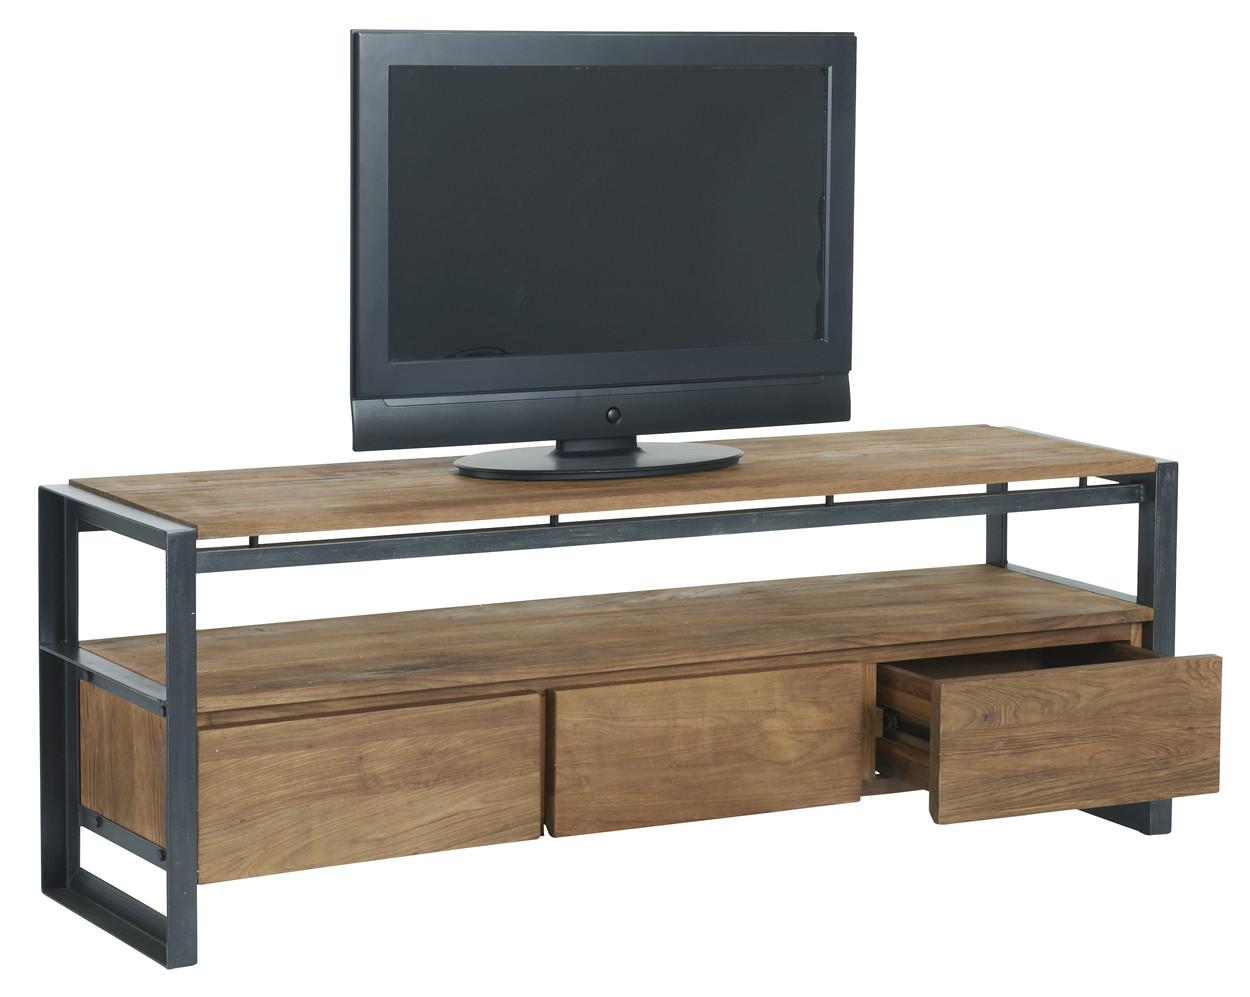 #644D3923651452 Bodhi Fendy TV Meubel 3 Laden L180 X B40 X H56 Cm Laag Teakhout Van de bovenste plank Houten Design Tv Meubel 3263 beeld 12509973263 Inspiratie